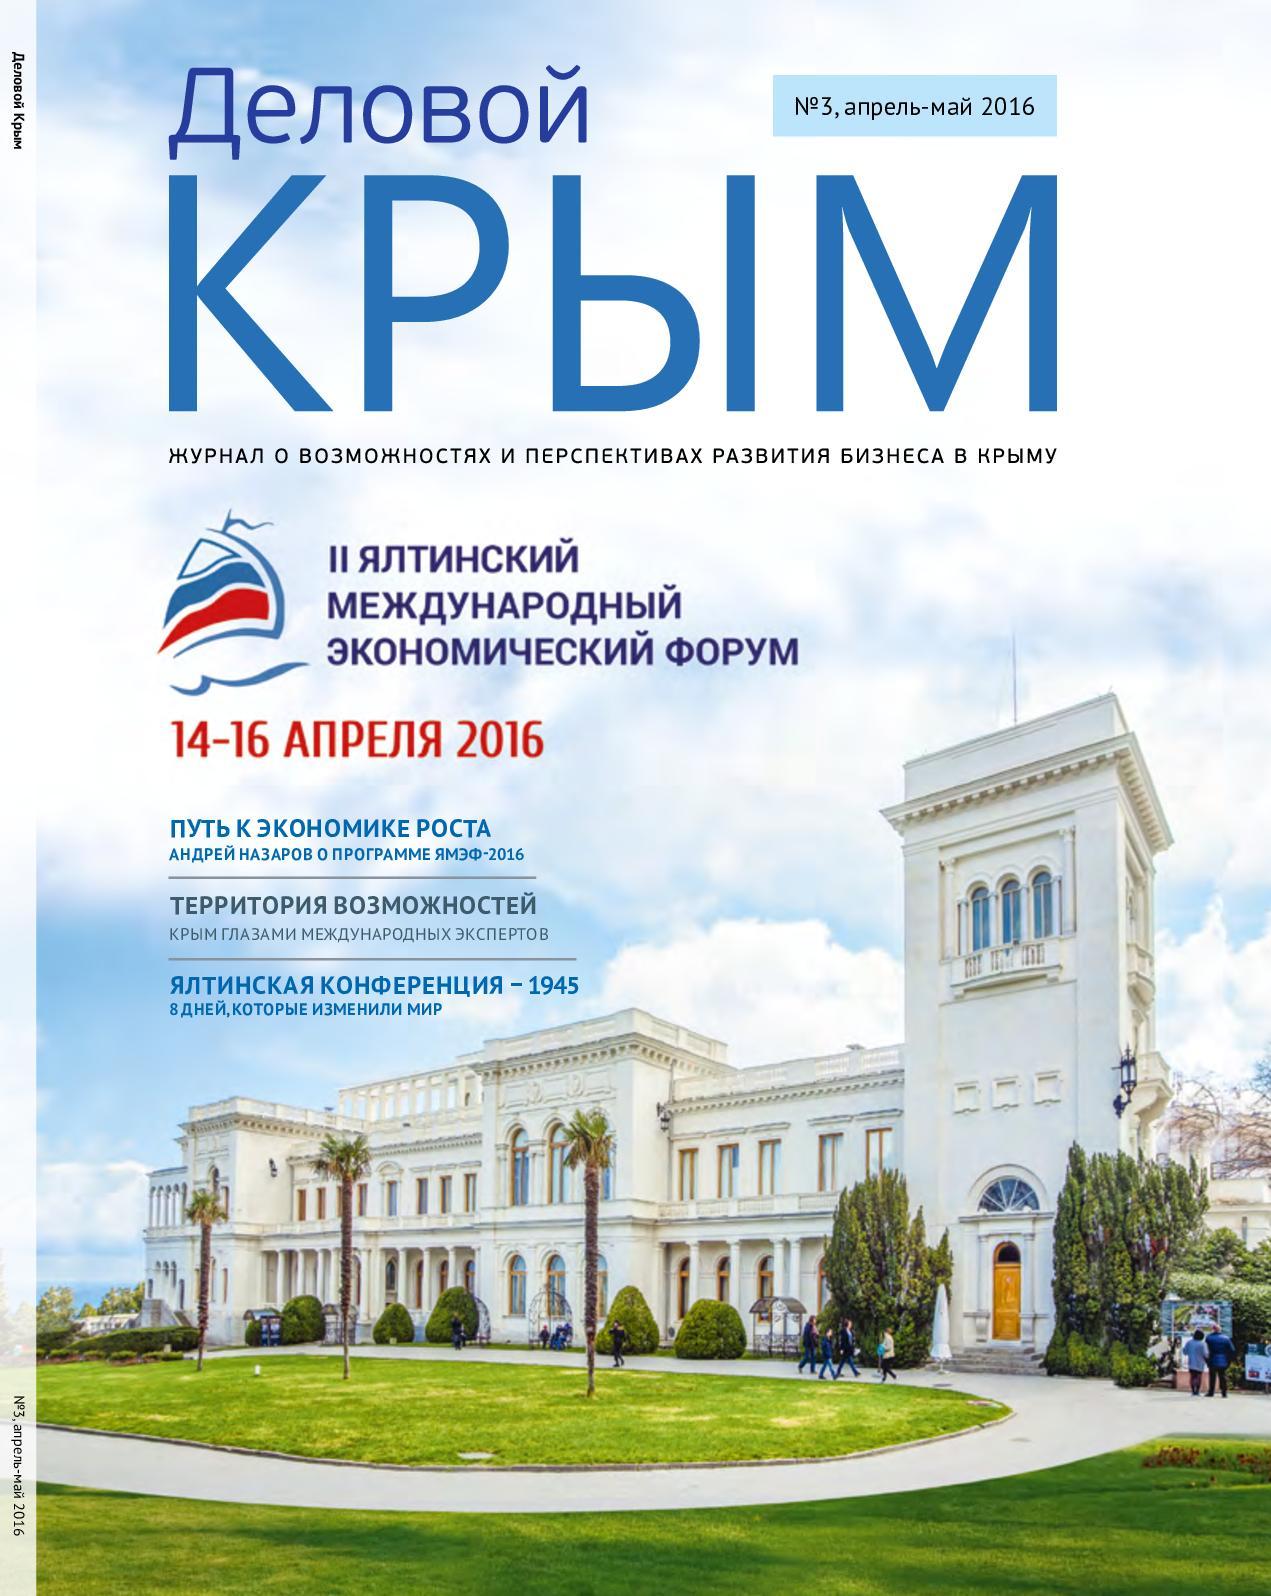 Московский индустриальный банк, Связь-банк, РНКБ (Крым).